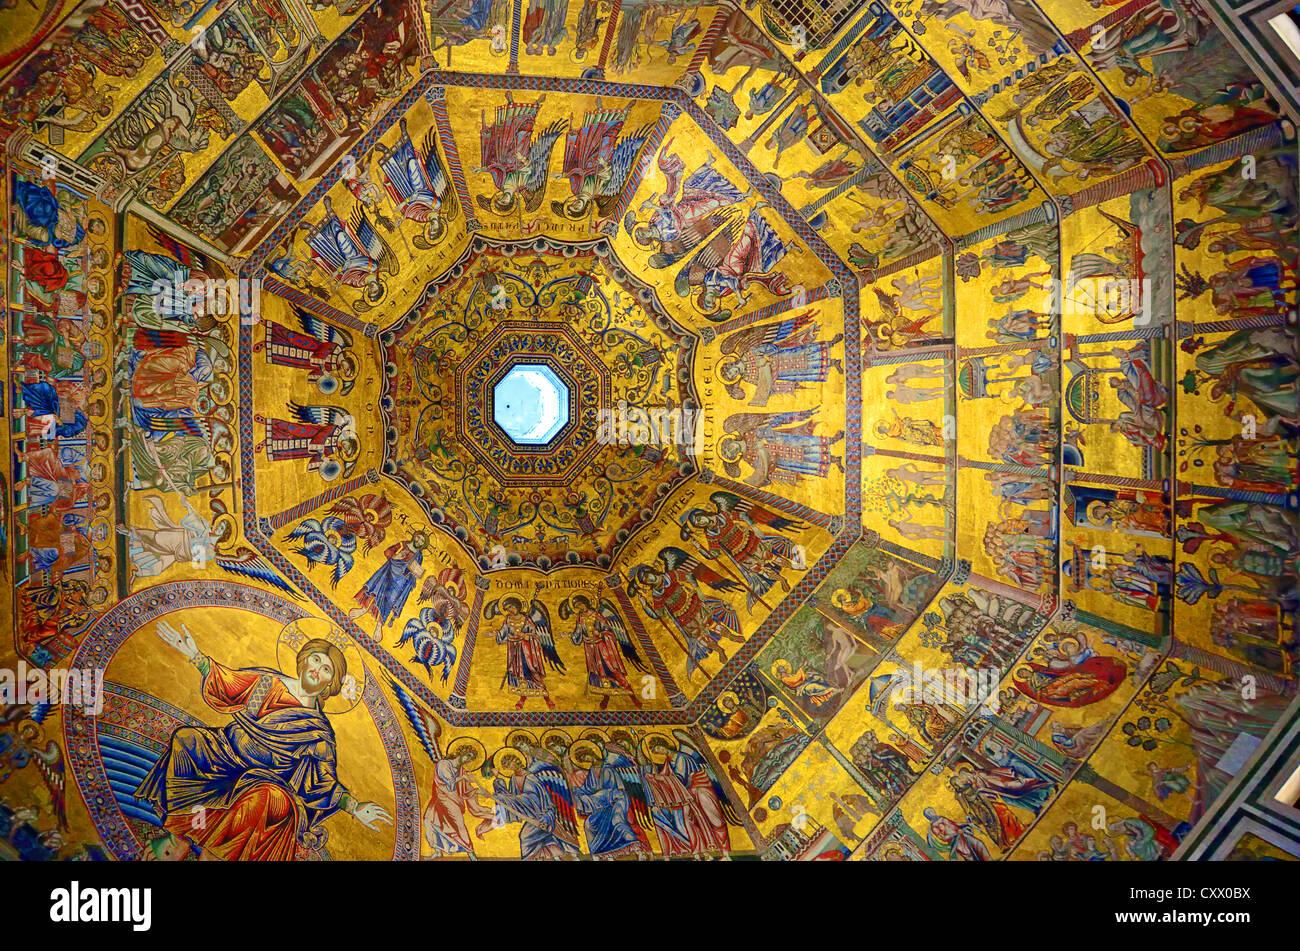 Gegenüber dem Dom von Florenz befindet sich das Baptisterium.  Es ist eine herrliche Mosaik Decke gekrönt. Stockbild